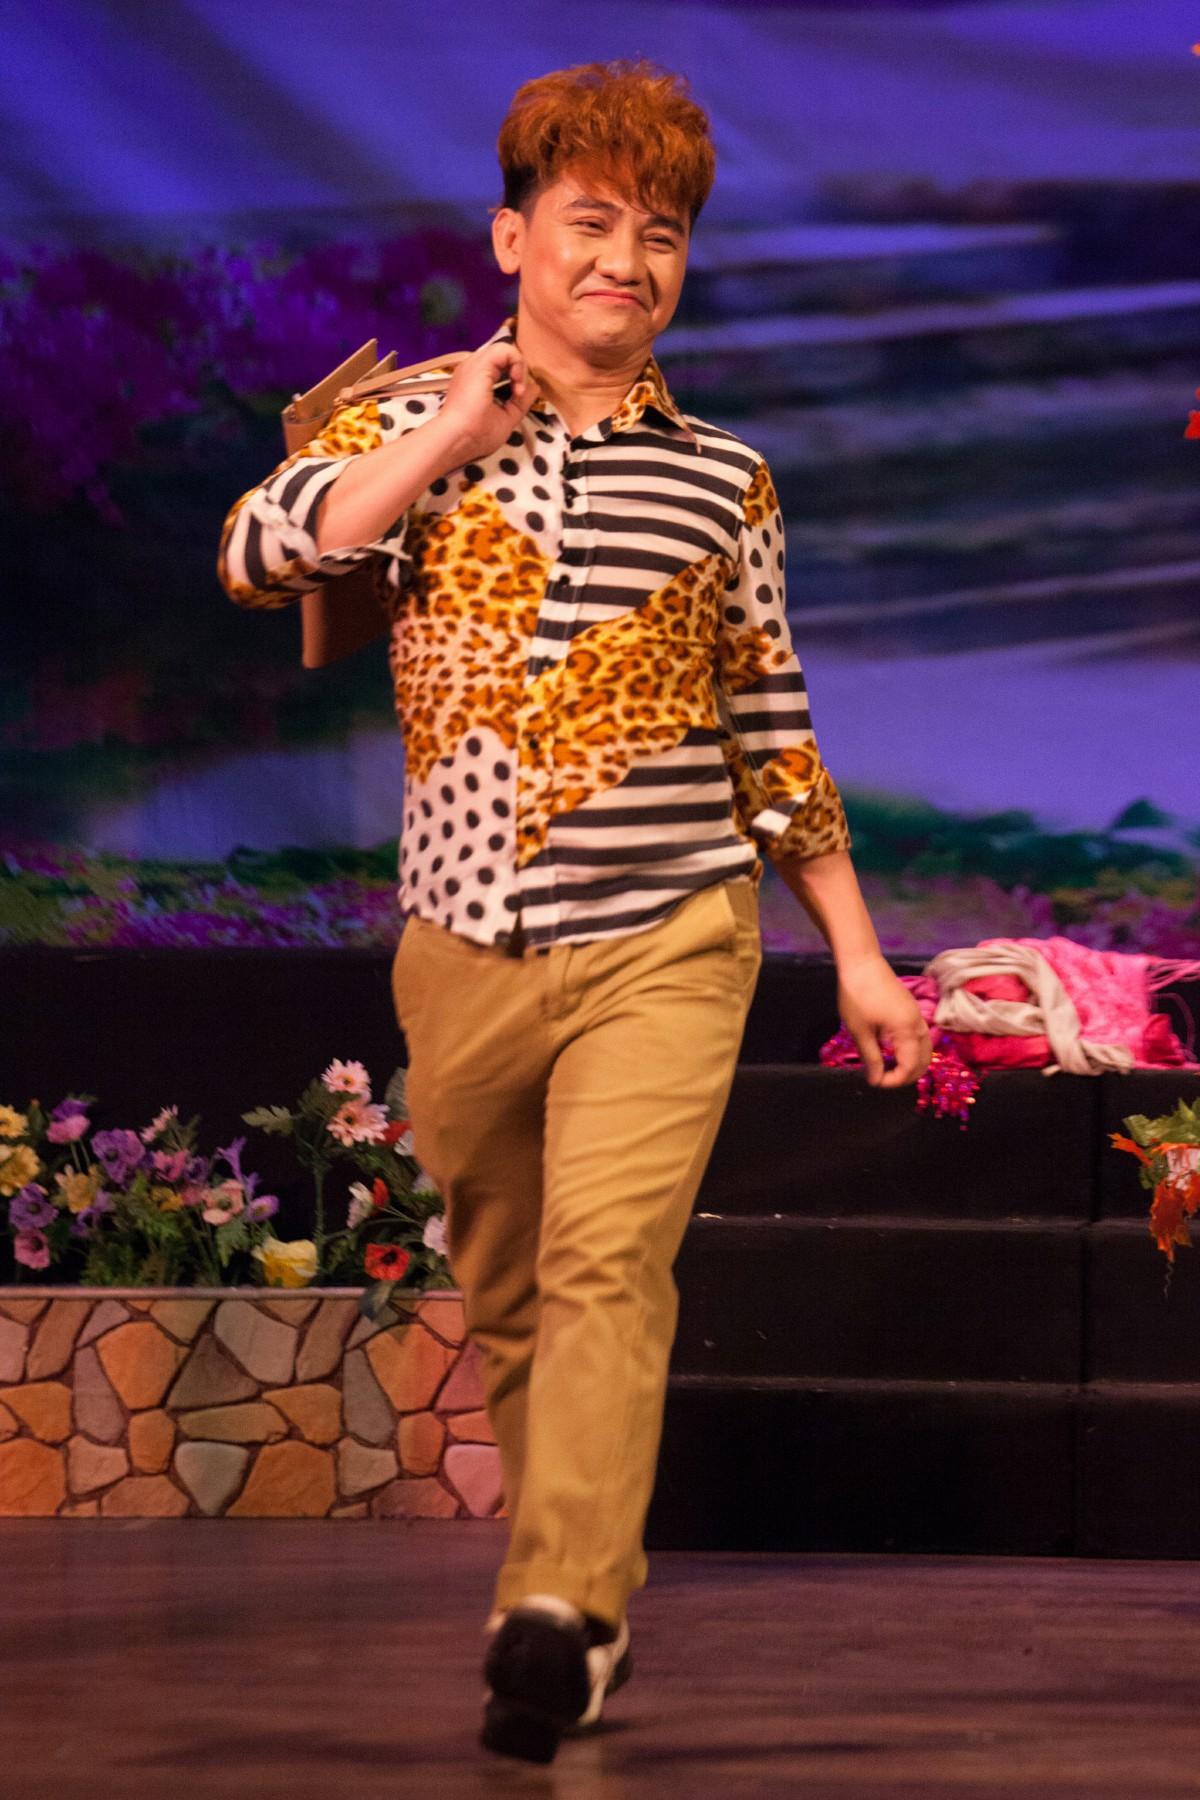 Diễn viên hài Anh Vũ: 19 năm chống chọi với căn bệnh ung thư vẫn miệt mài mang tiếng cười đến cho khán giả tới phút cuối cùng - Ảnh 1.